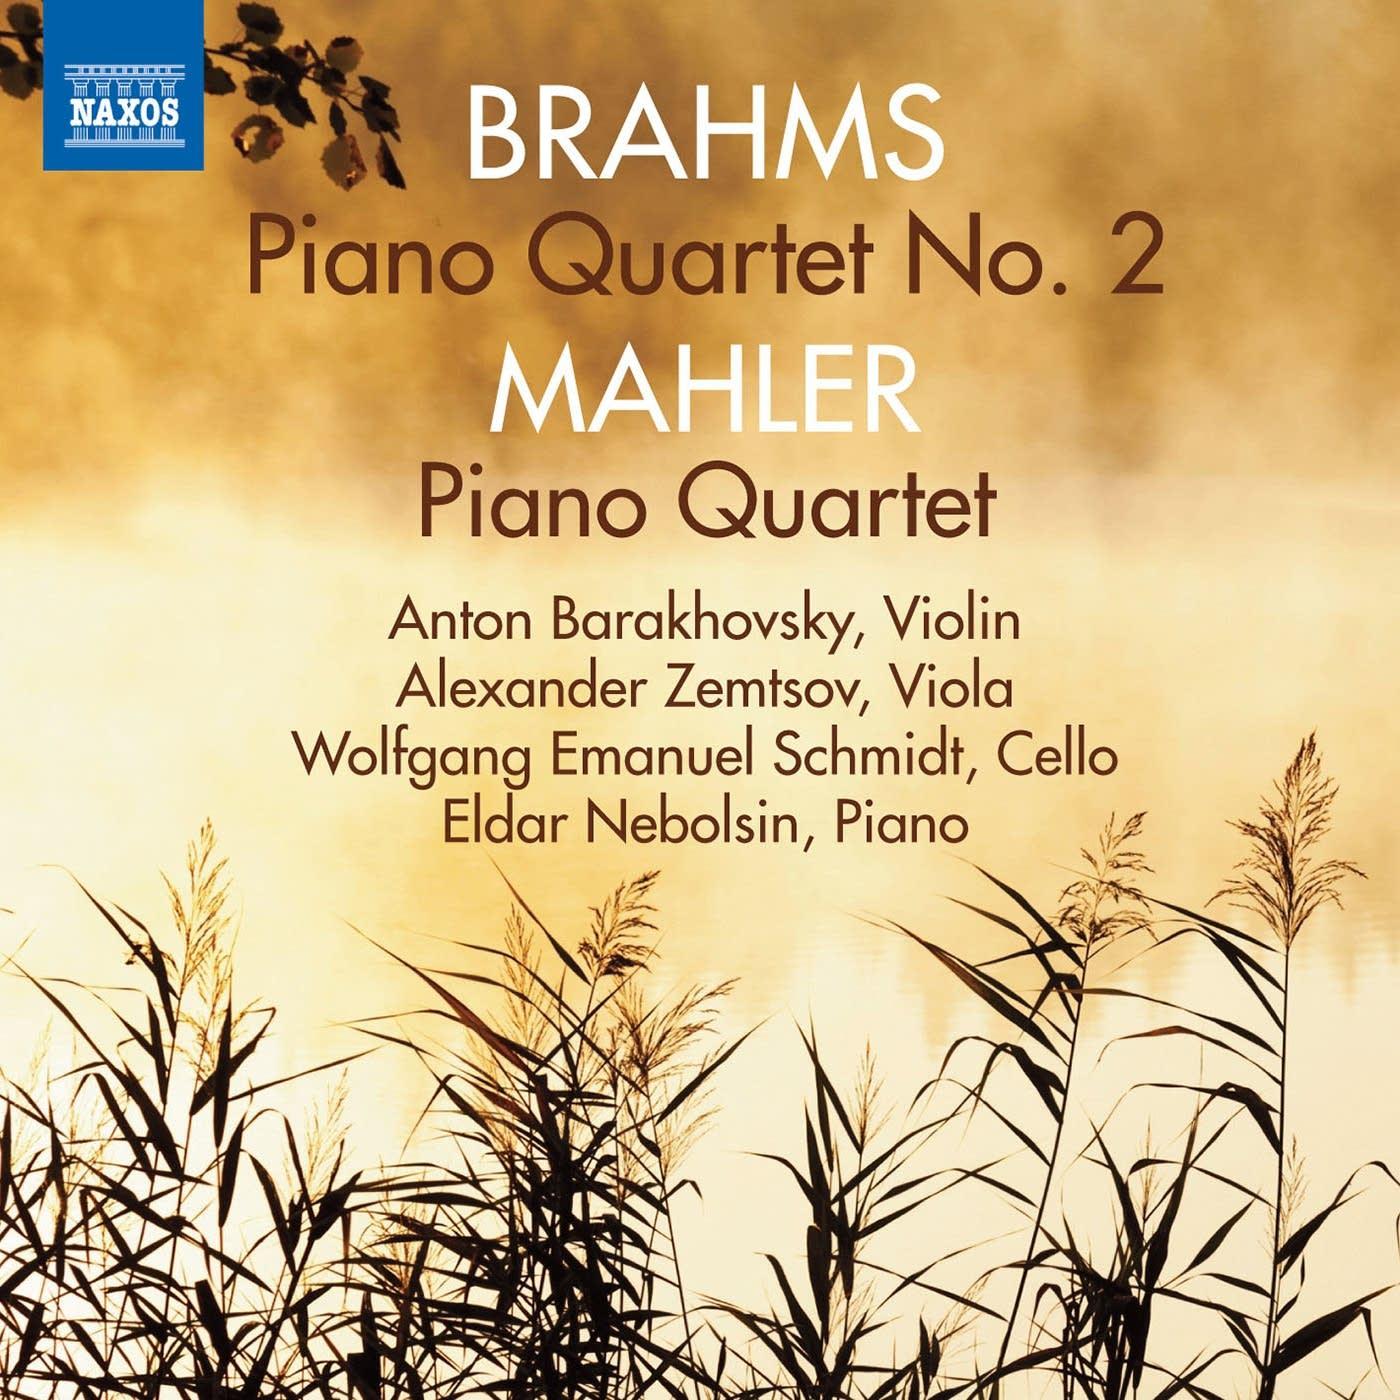 Brahms - Piano Quartet No. 2: Finale